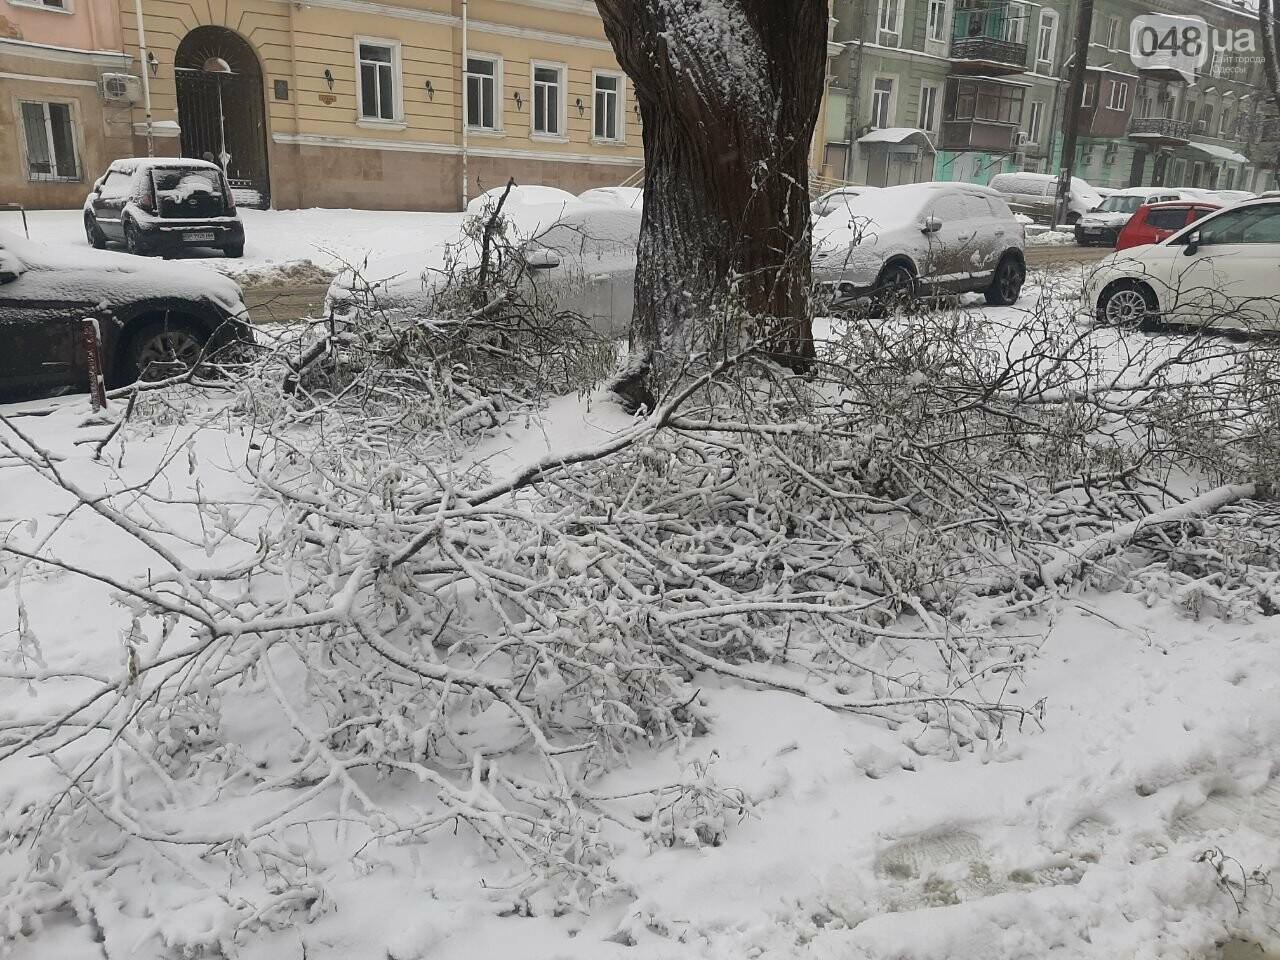 Последствия непогоды в Одессе, - ФОТОРЕПОРТАЖ, фото-2424